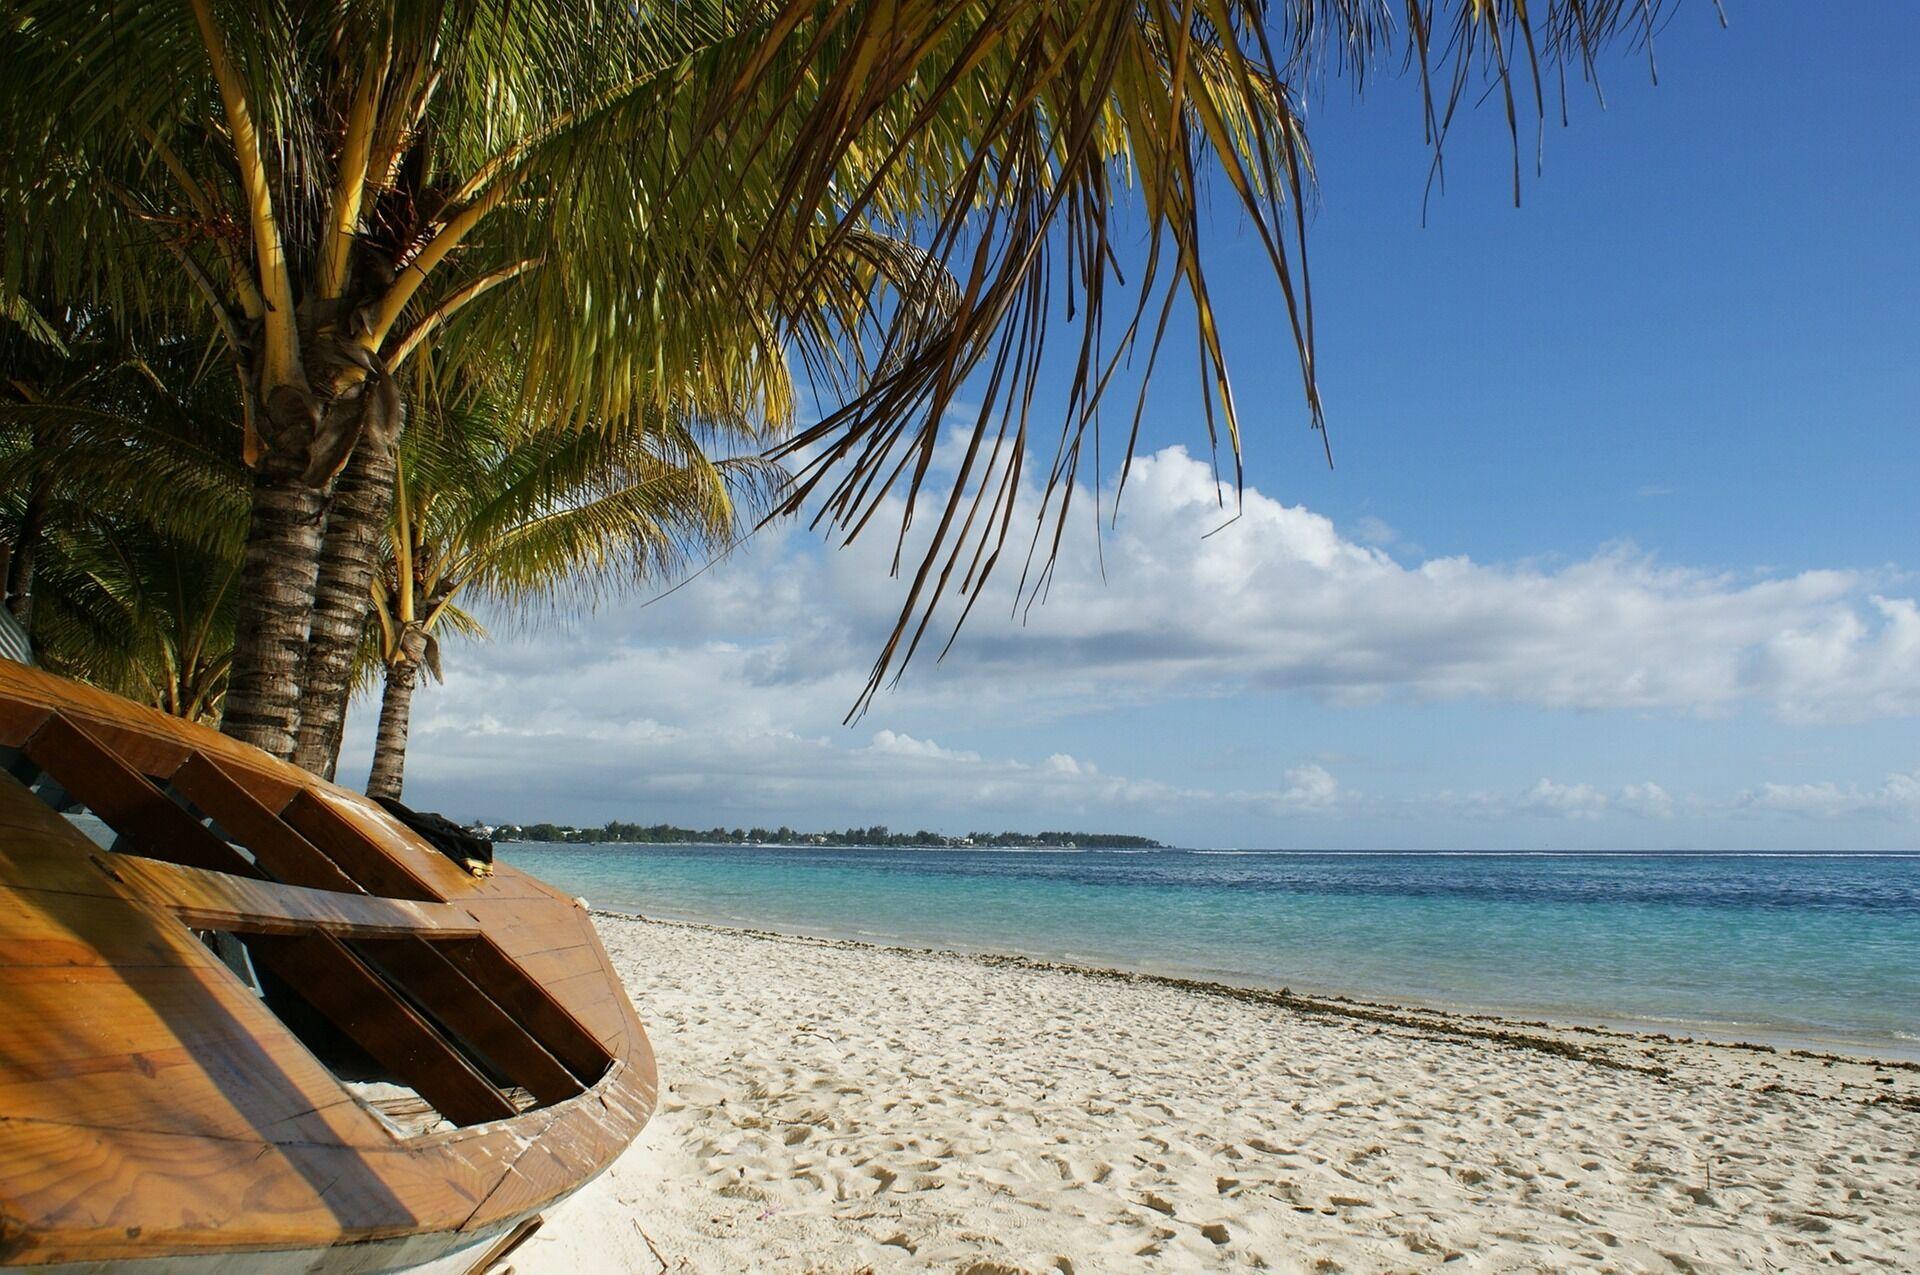 Пляжный отдых на Бали.